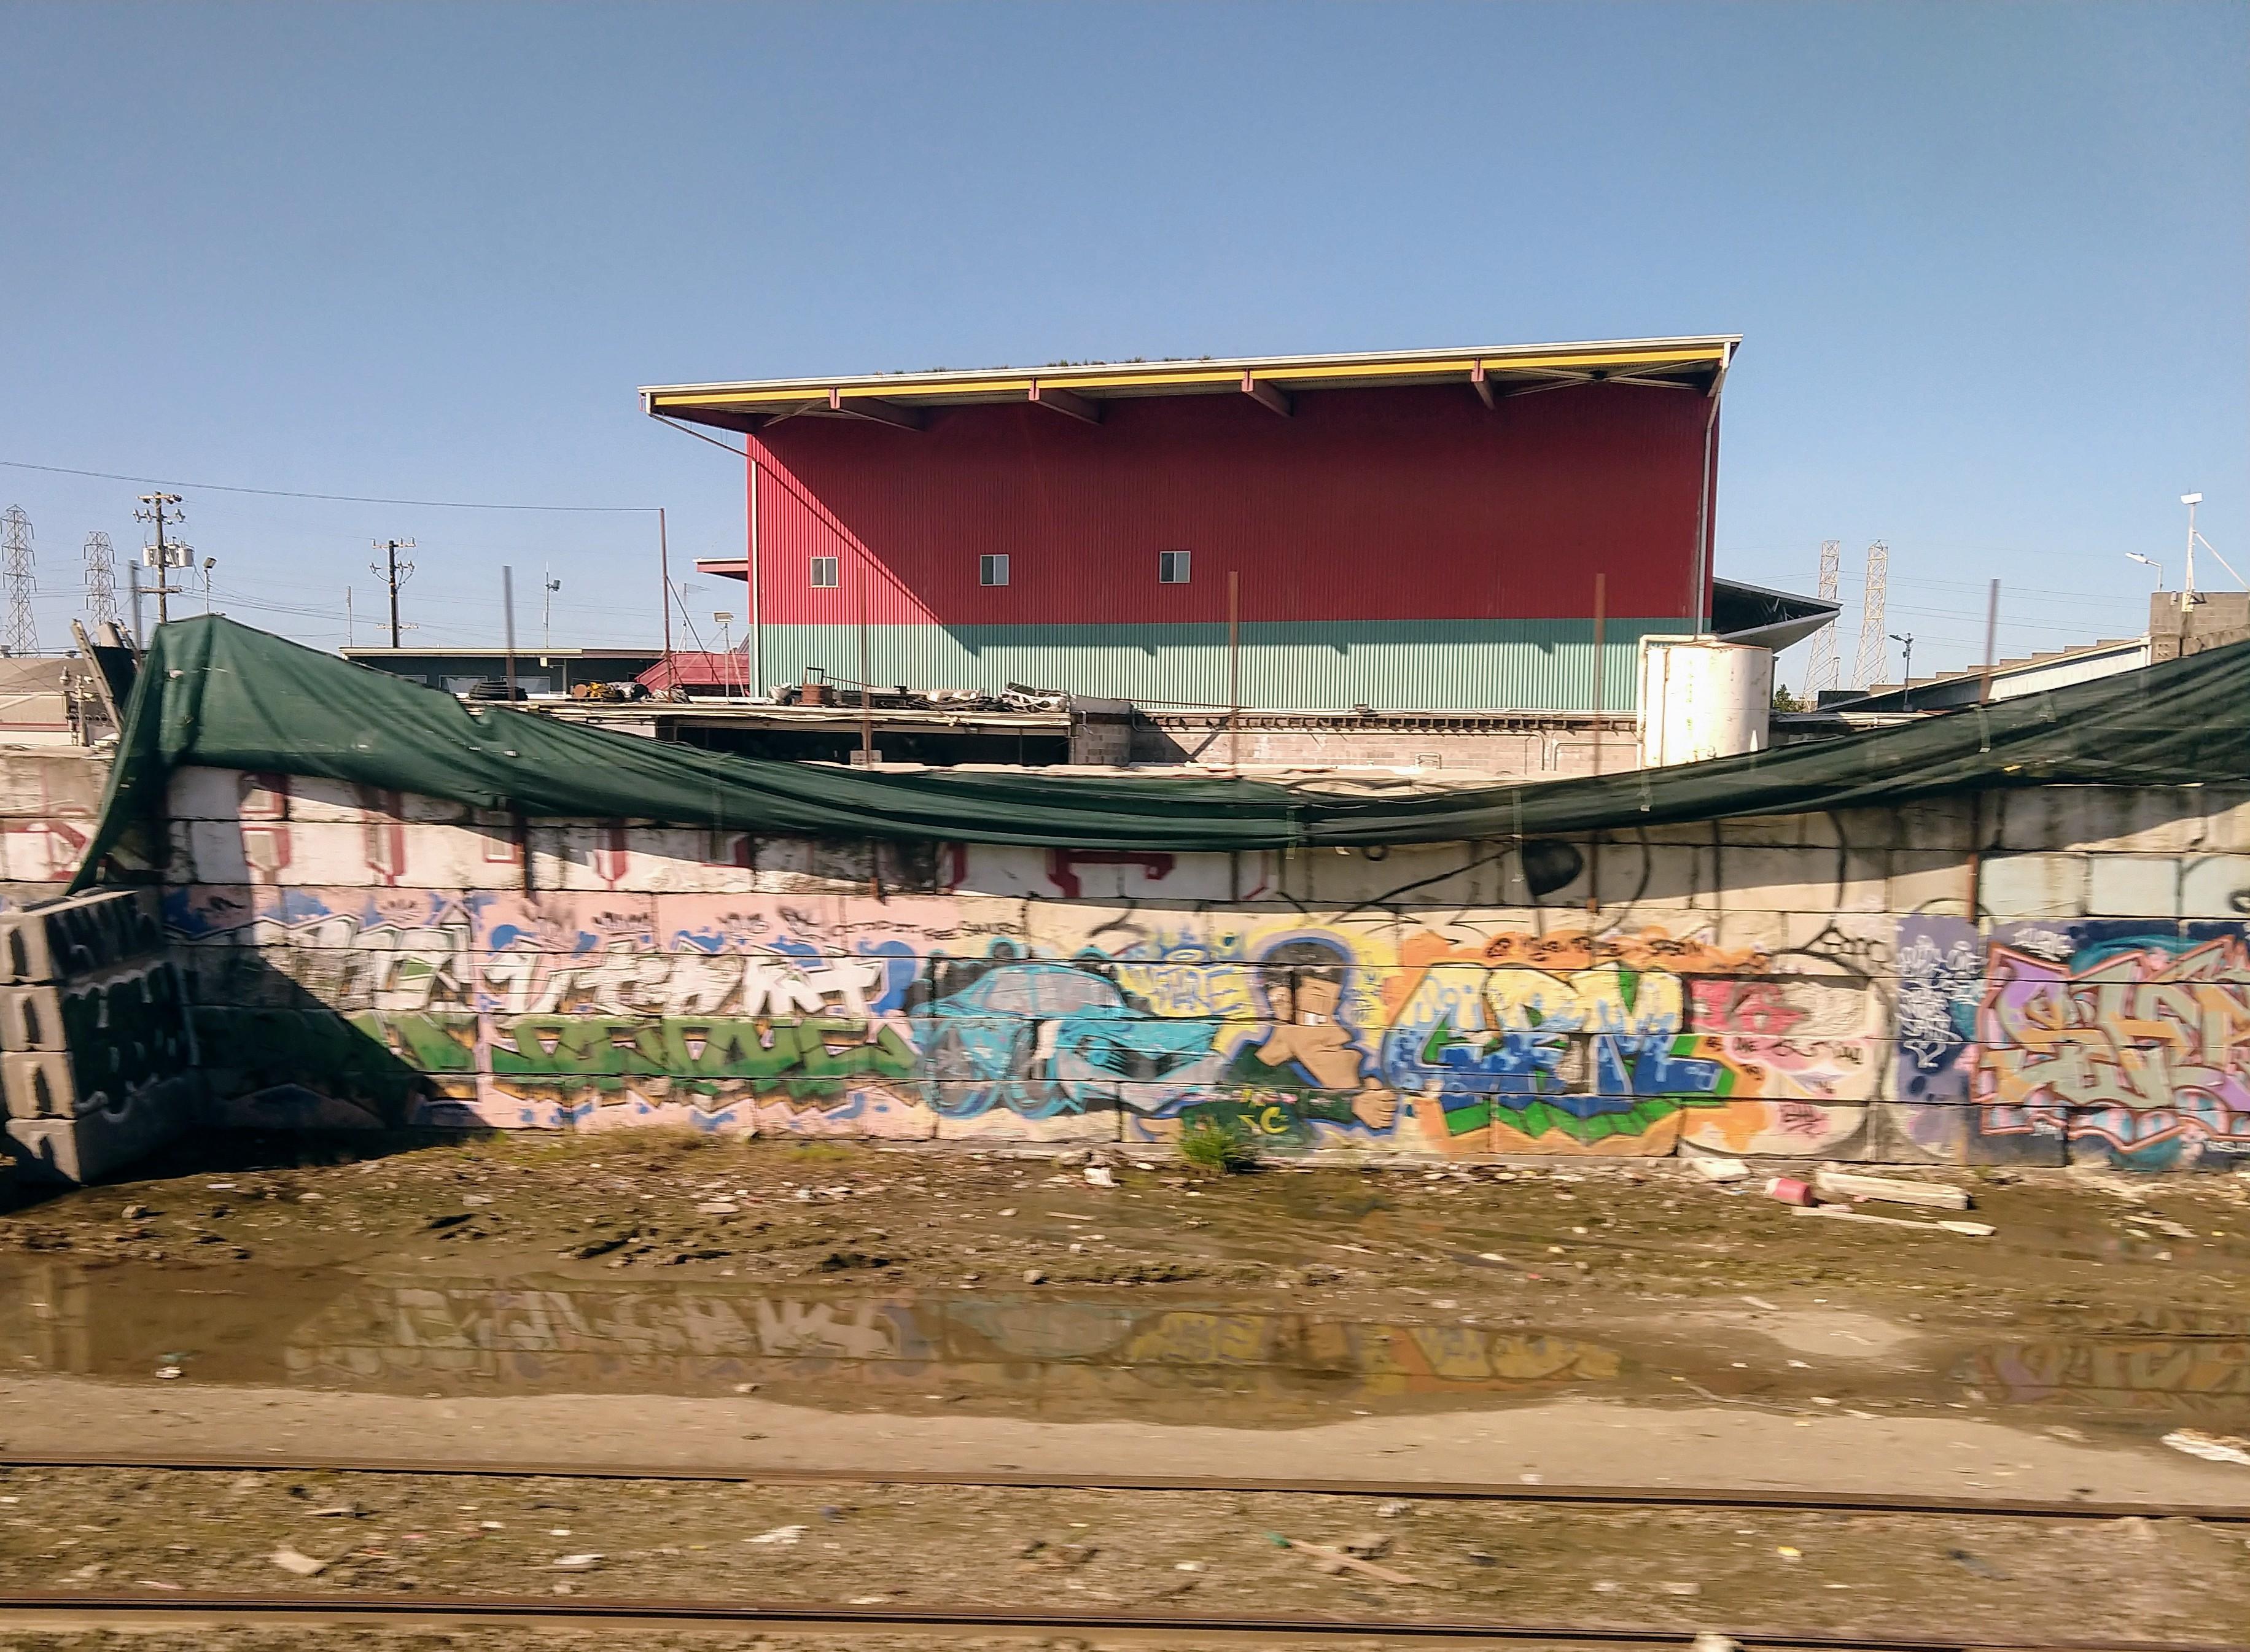 Railside art